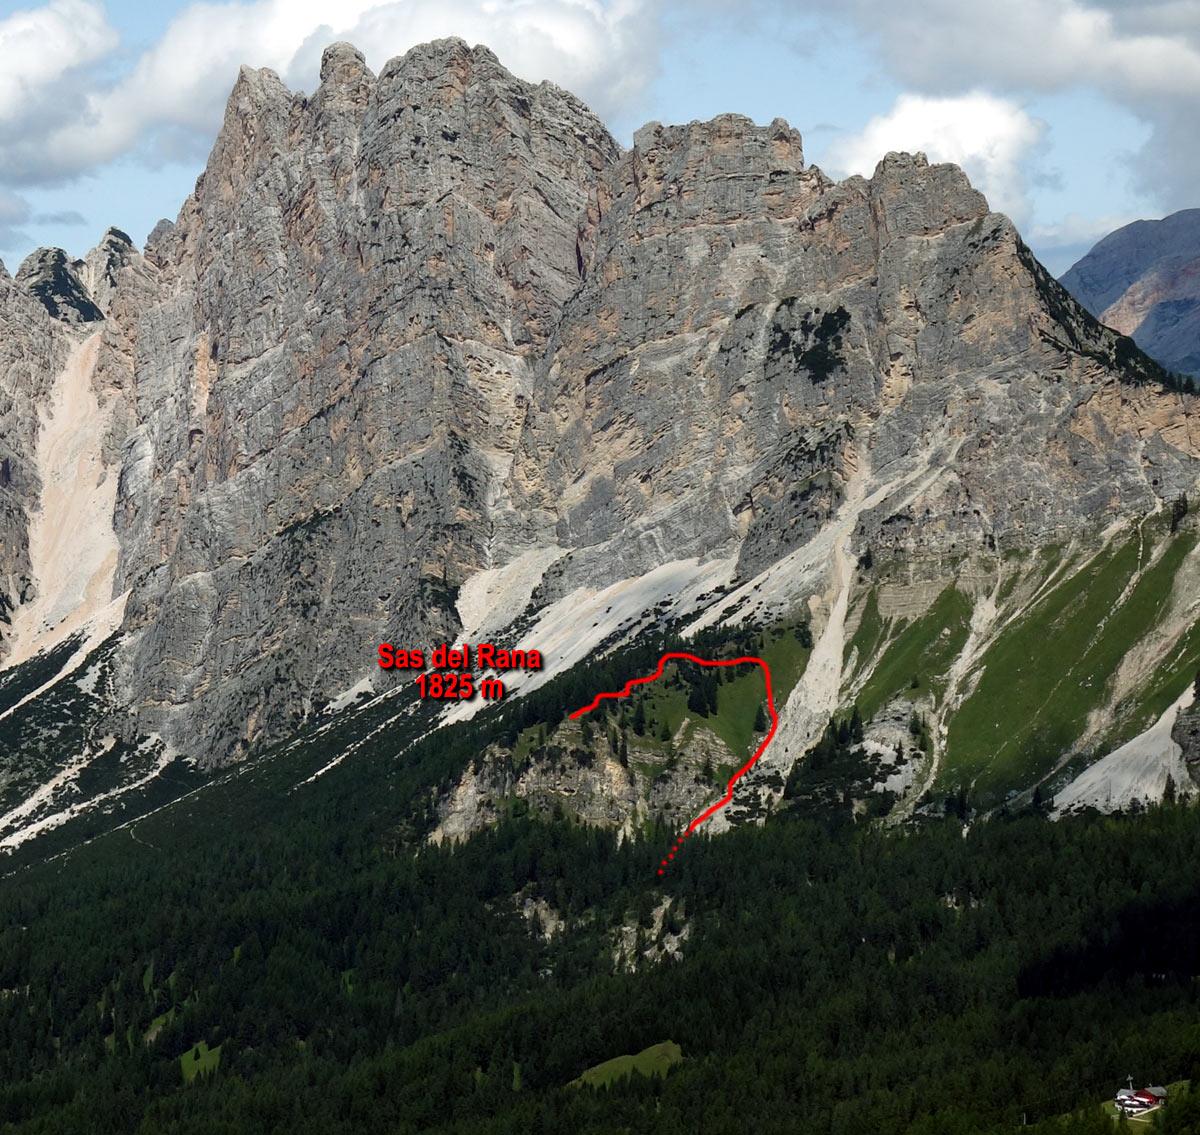 Il Sas del Rana (1825 m), ai piedi della Croda dei Zestelis e della Punta Erbing (affiancate a loro volta dal Teston di Bartoldo e dalla Croda del Pomagagnon), con l'indicazione del percorso di salita dalla strada forestale Brite de Larieto-Fiames